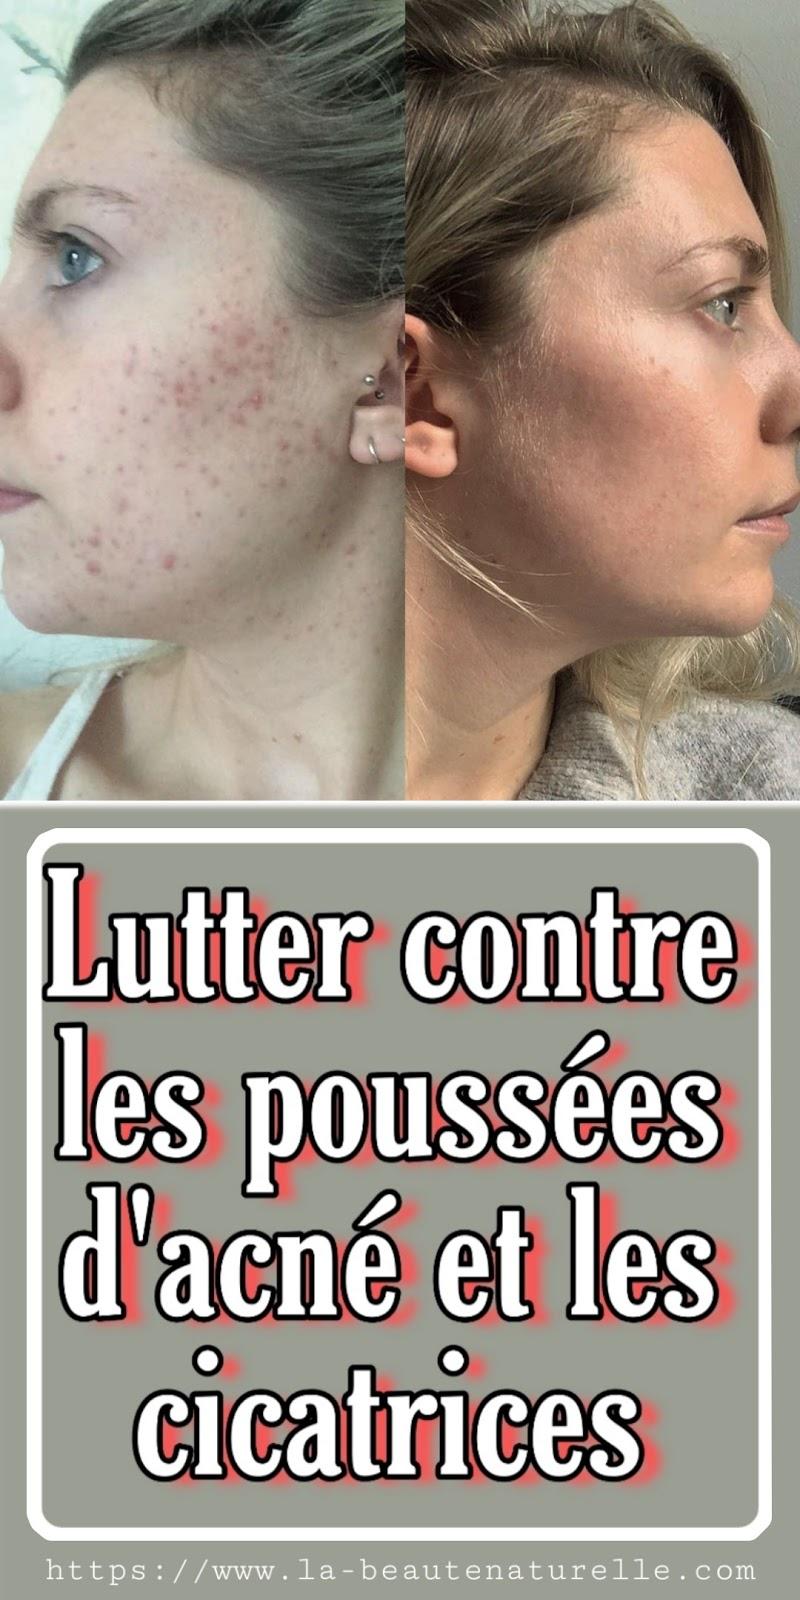 Lutter contre les poussées d'acné et les cicatrices